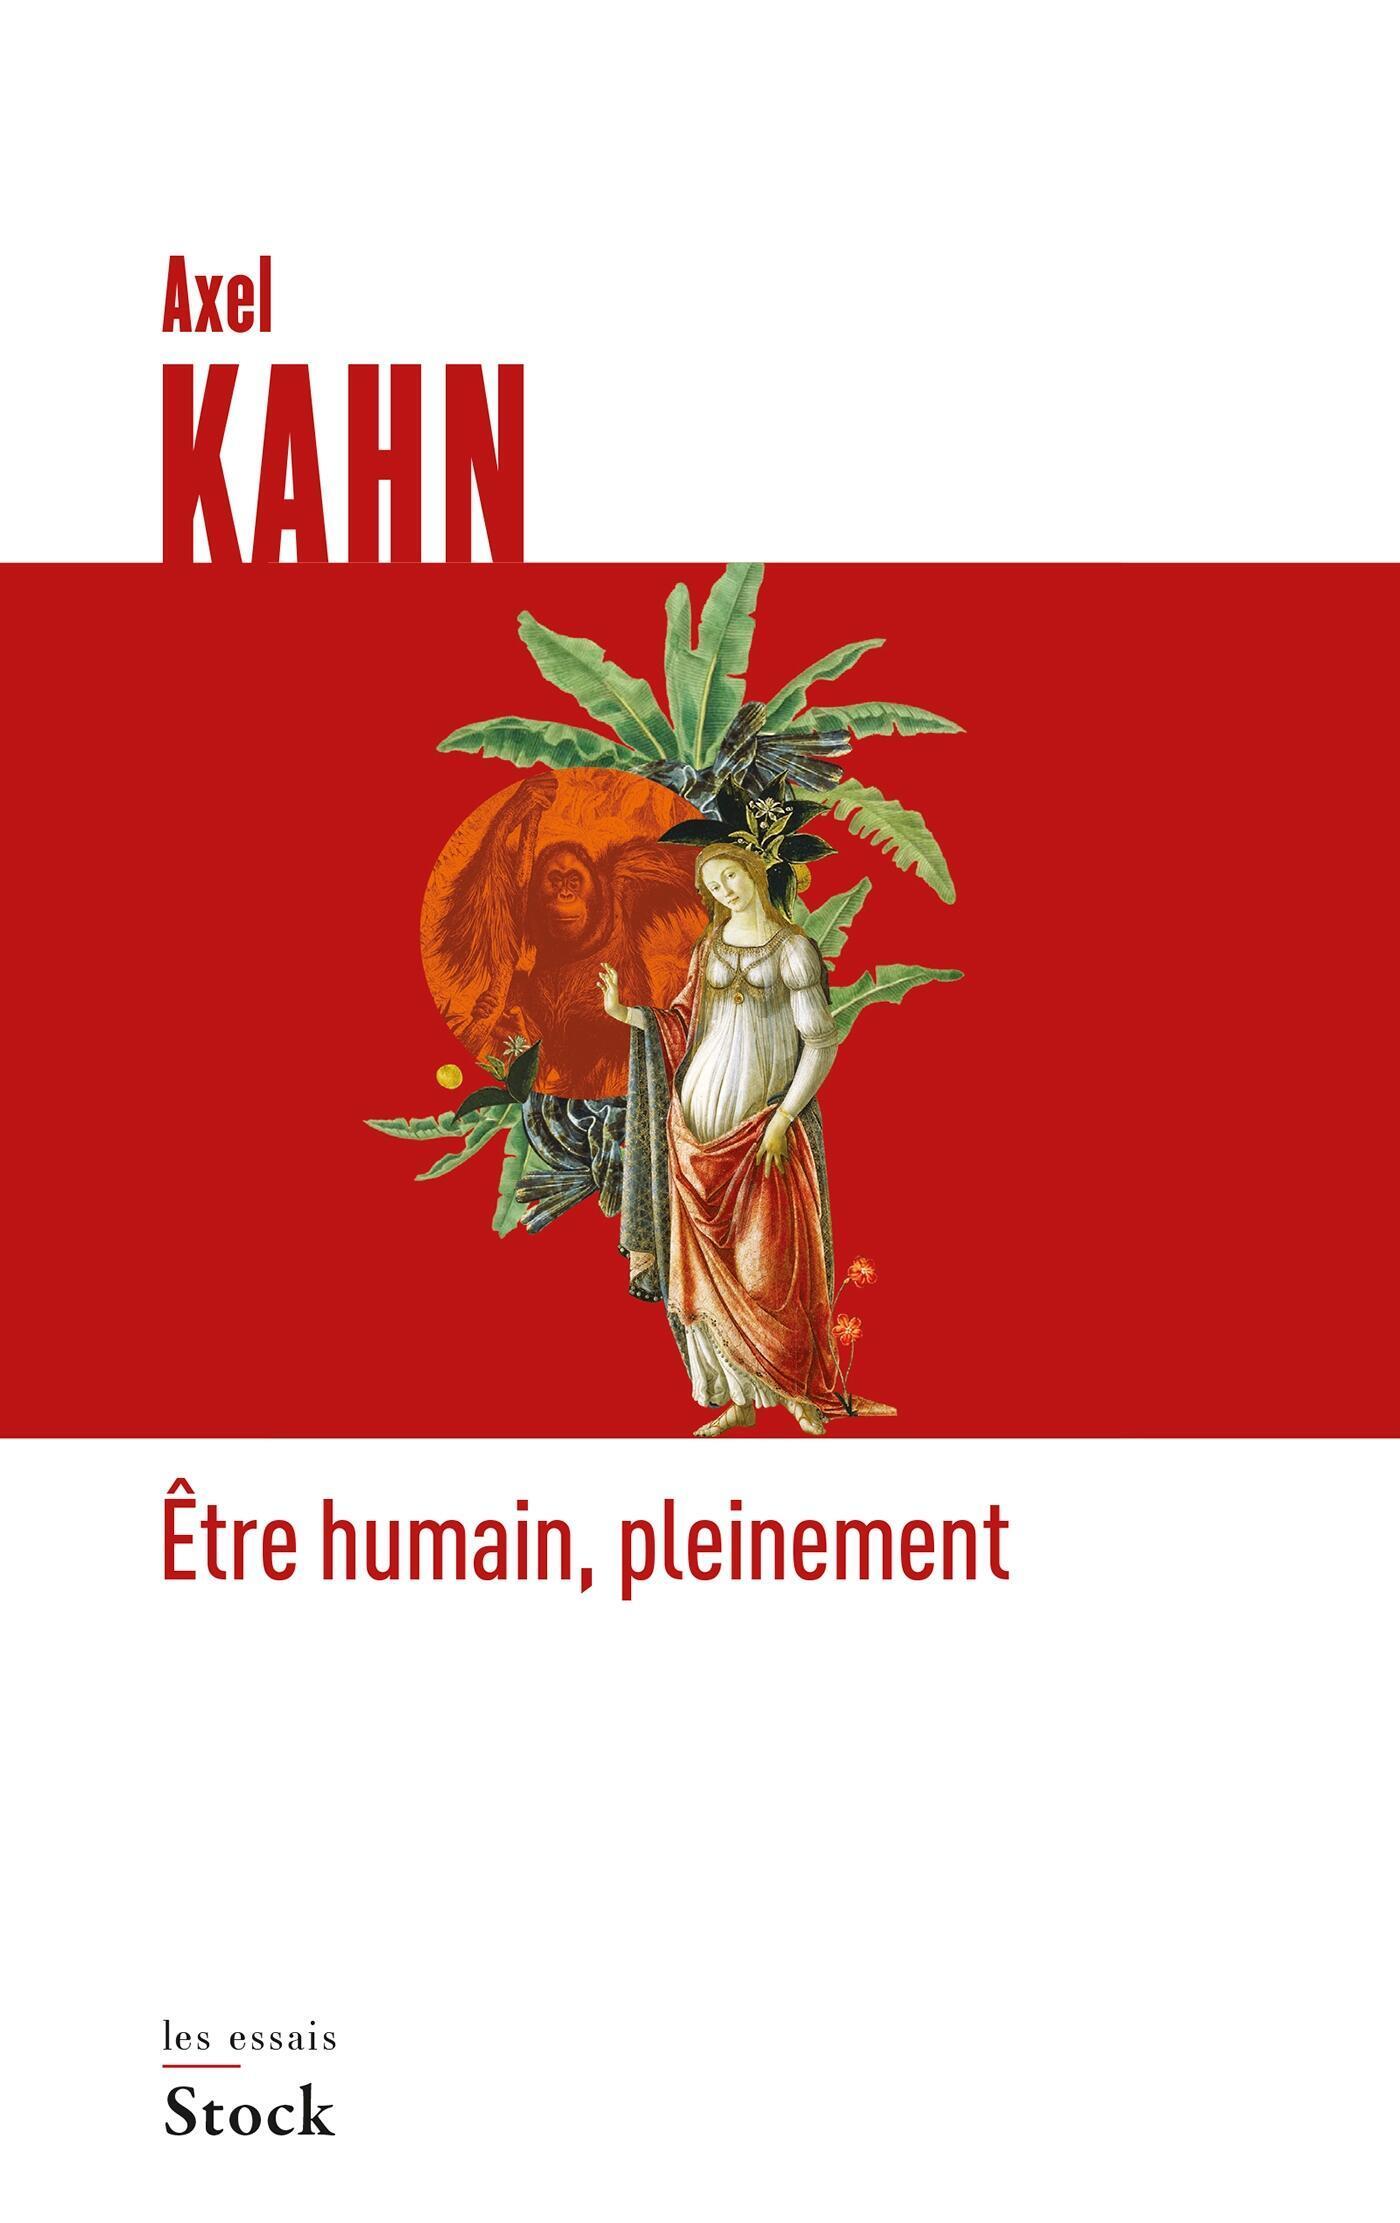 Axel Kahn, Editions Stock